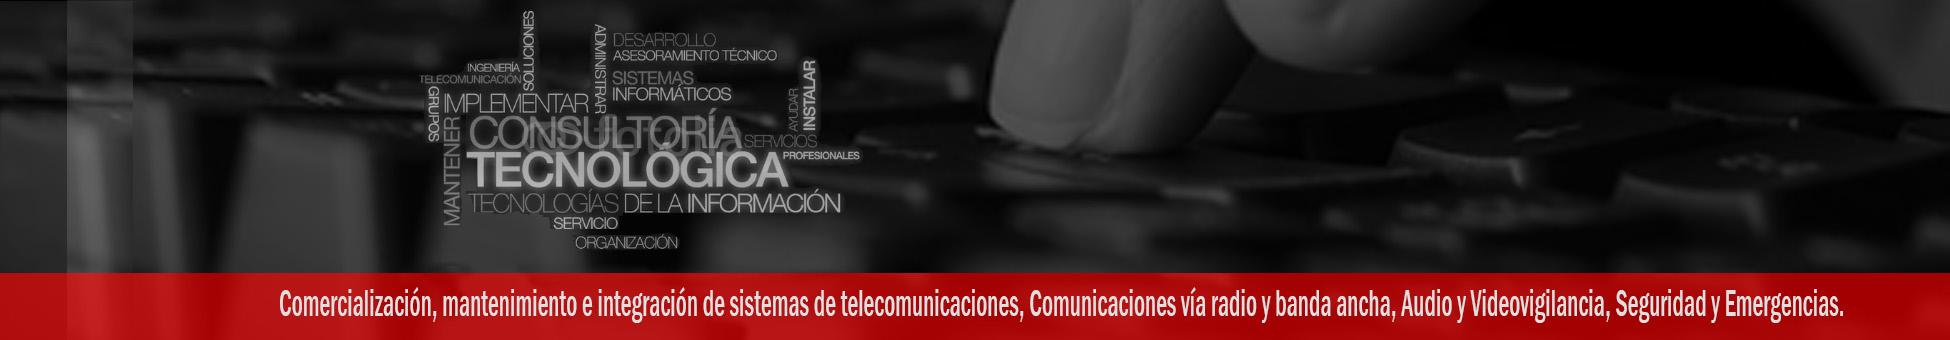 Comercialización, mantenimiento e integración de sistemas de telecomunicaciones, Comunicaciones vía radio y banda ancha, Audio y Videovigilancia, Seguridad y Emergencias.